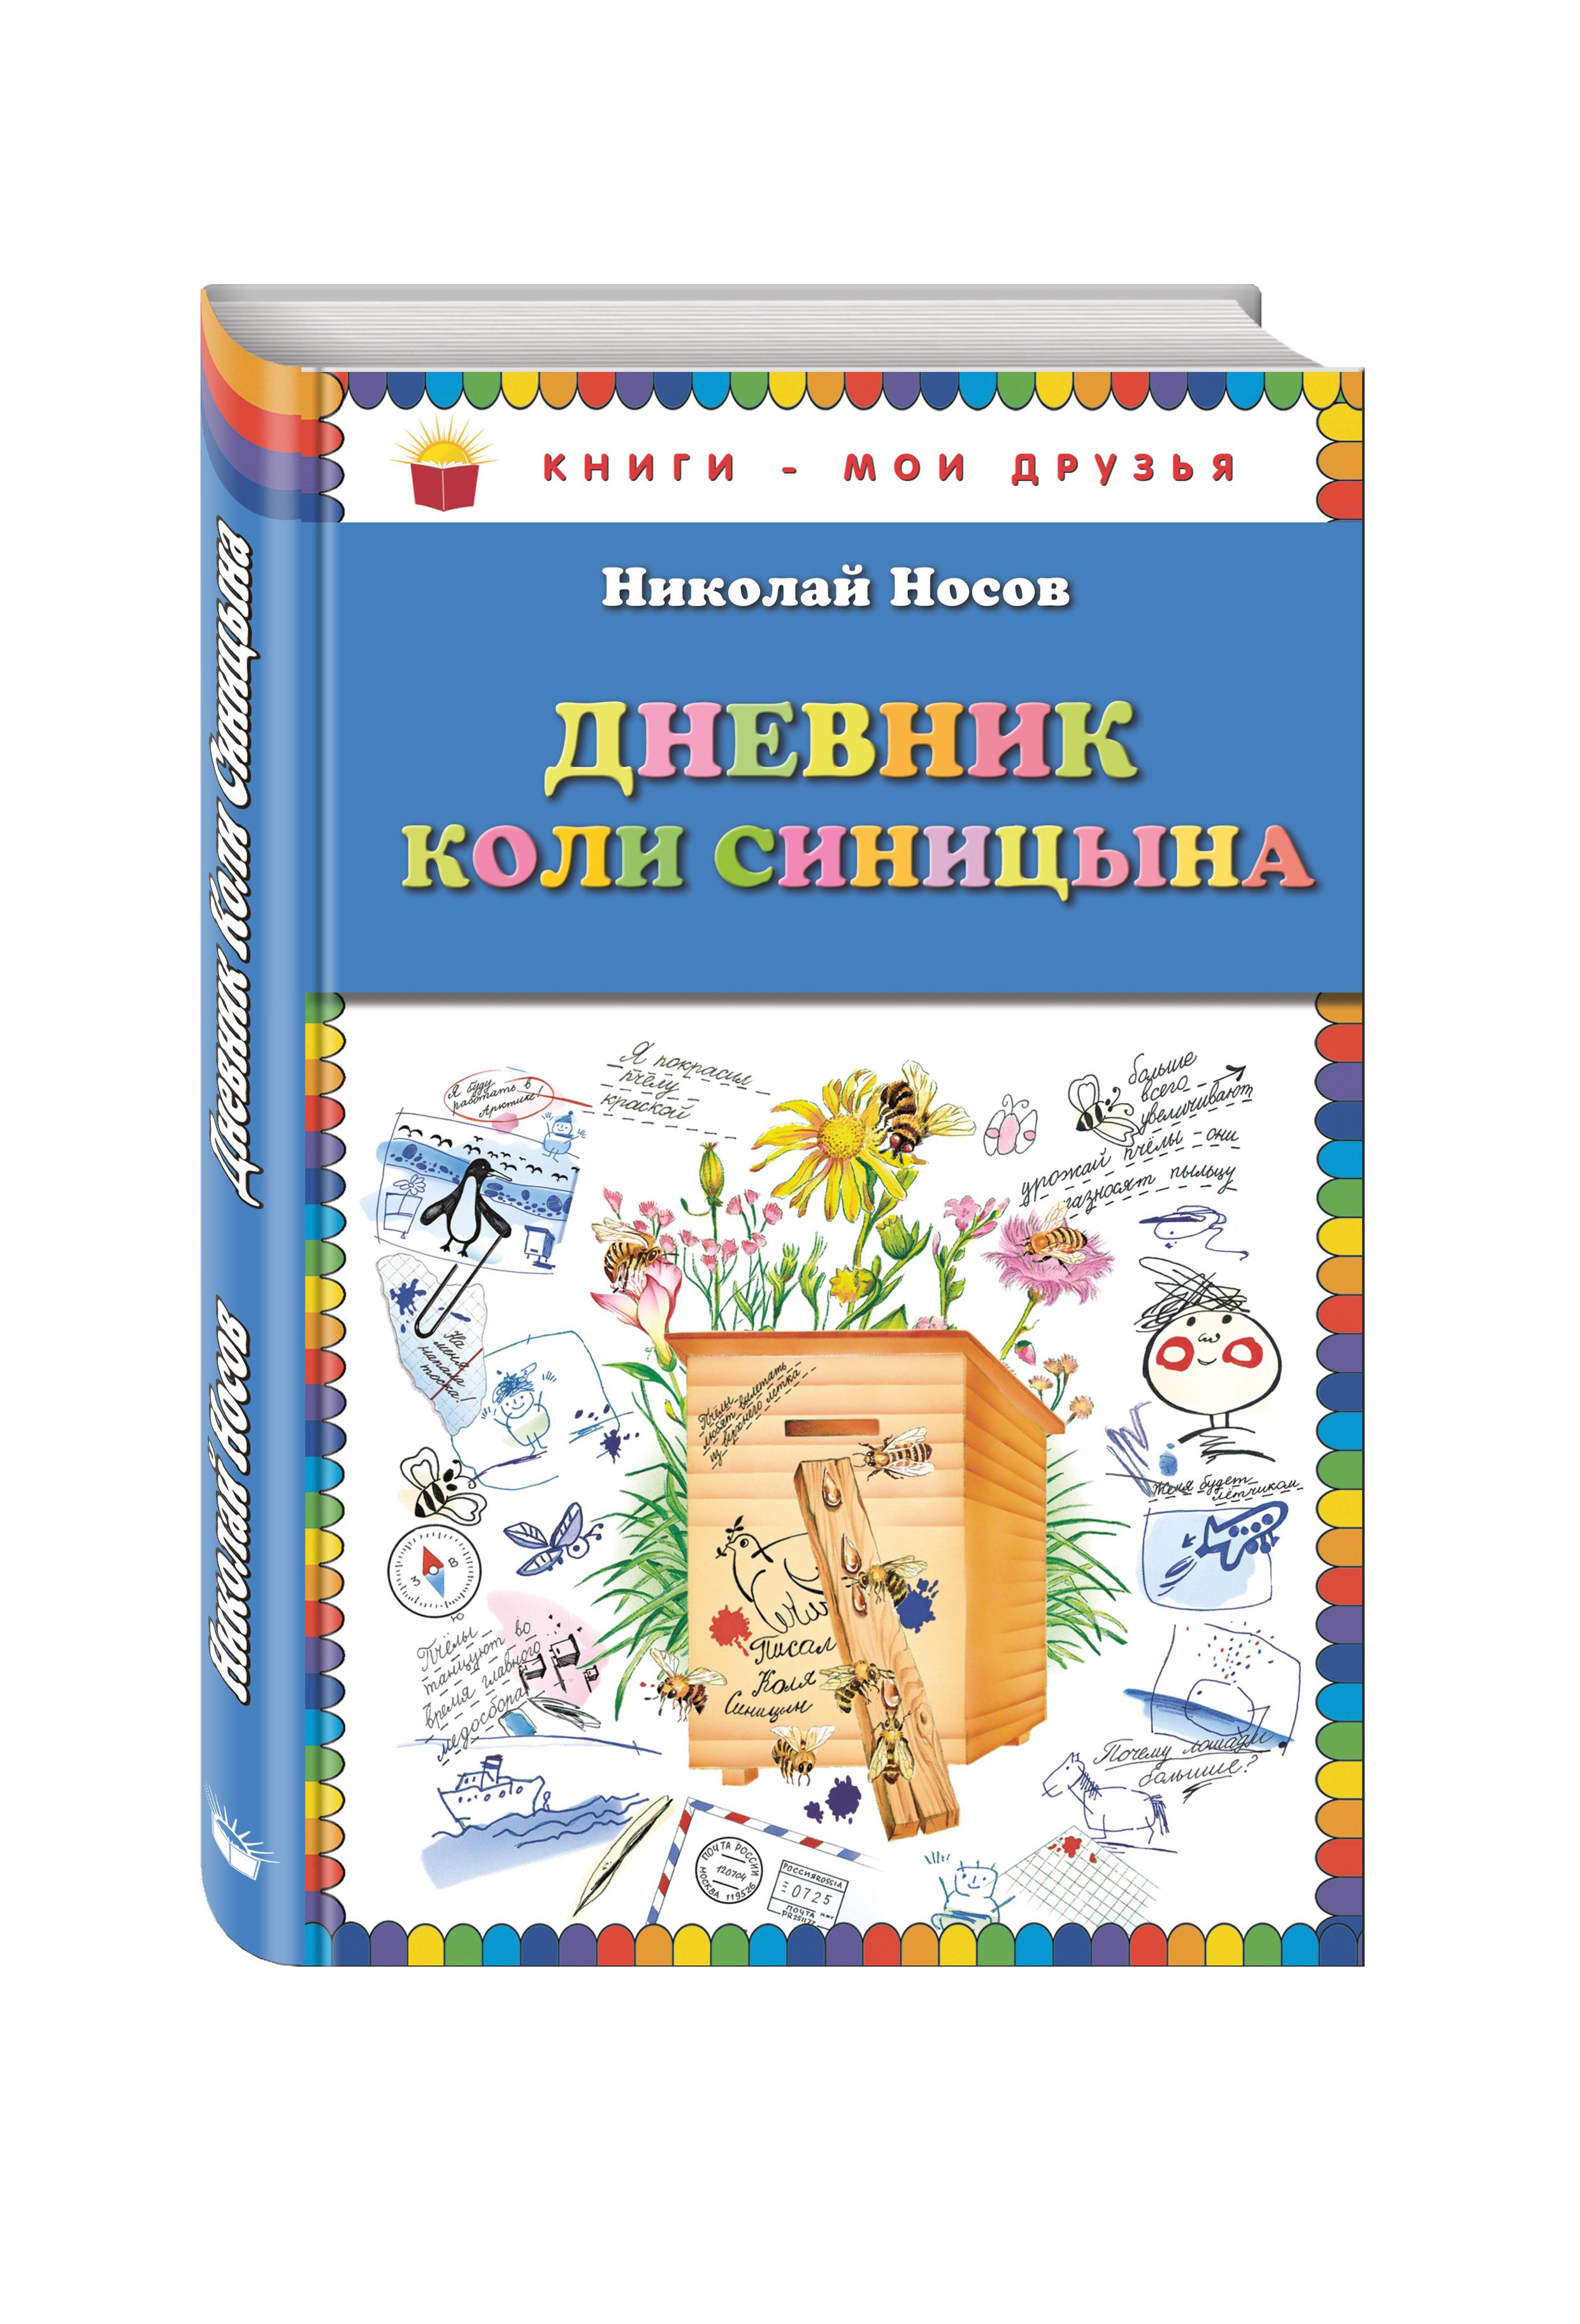 Дневник Коли Синицына (ил. О. Чумаковой)